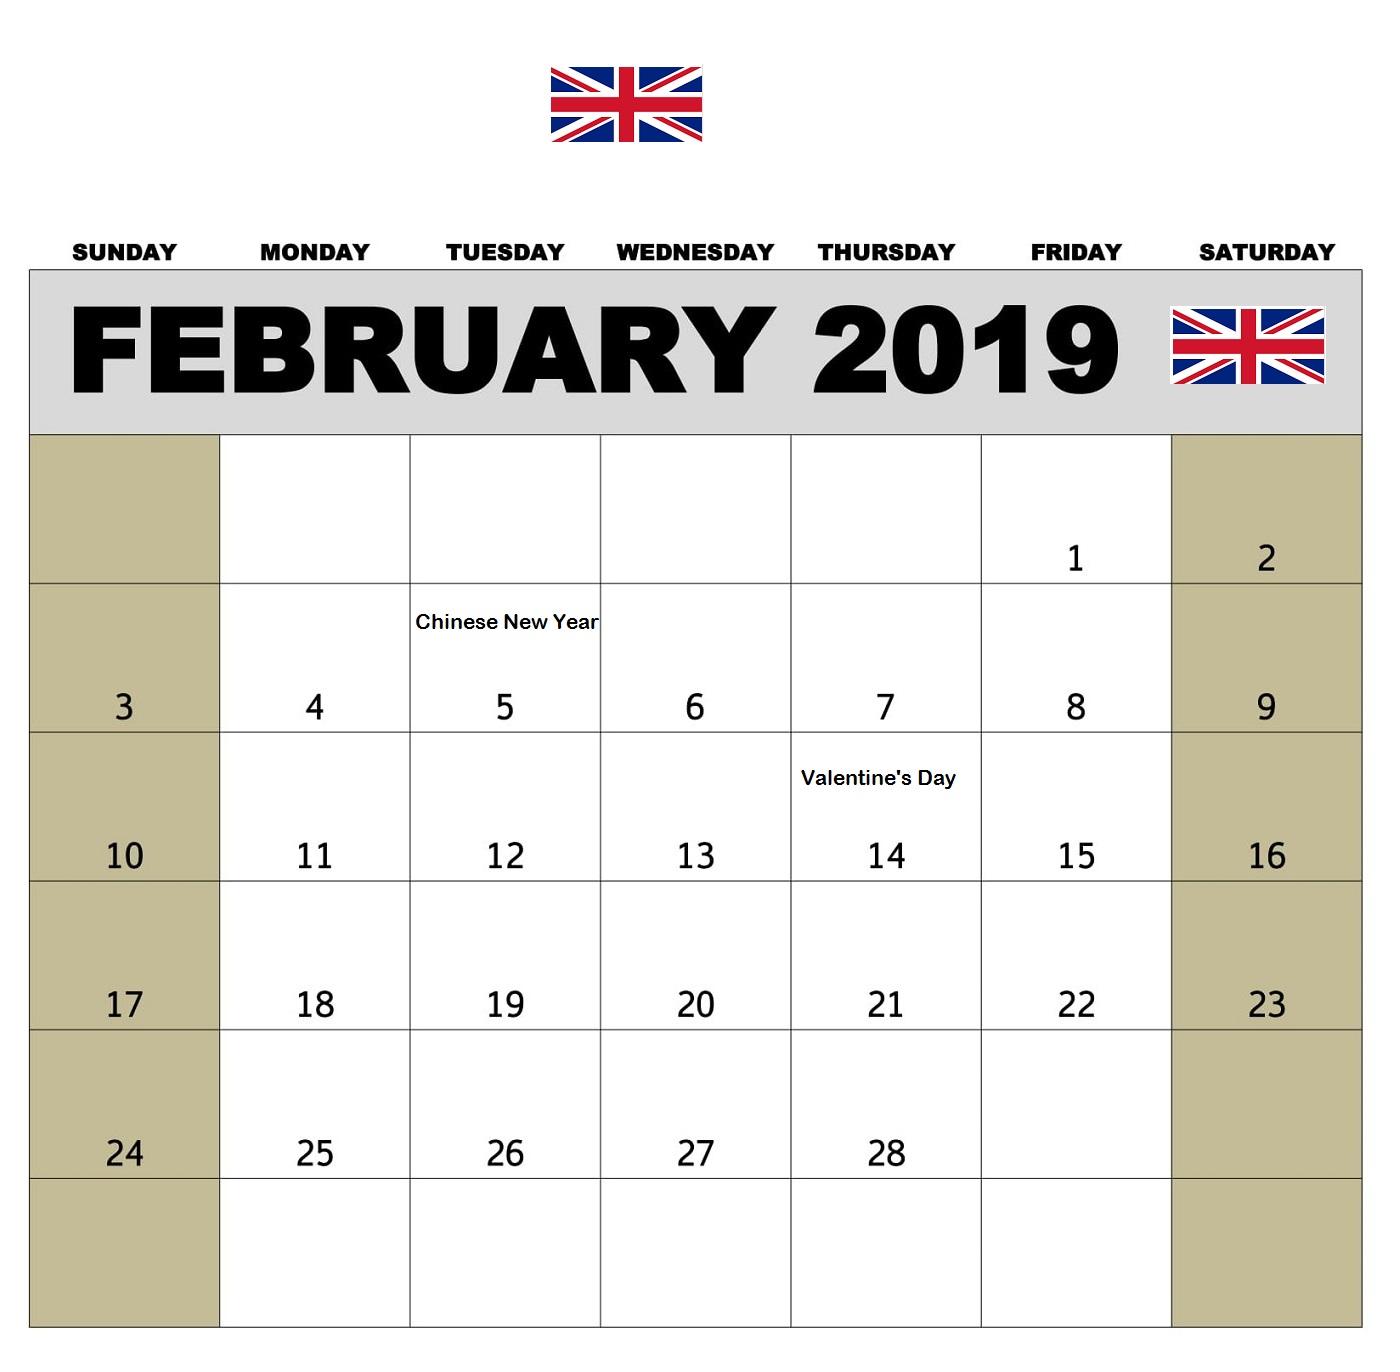 USA Calendar February 2019